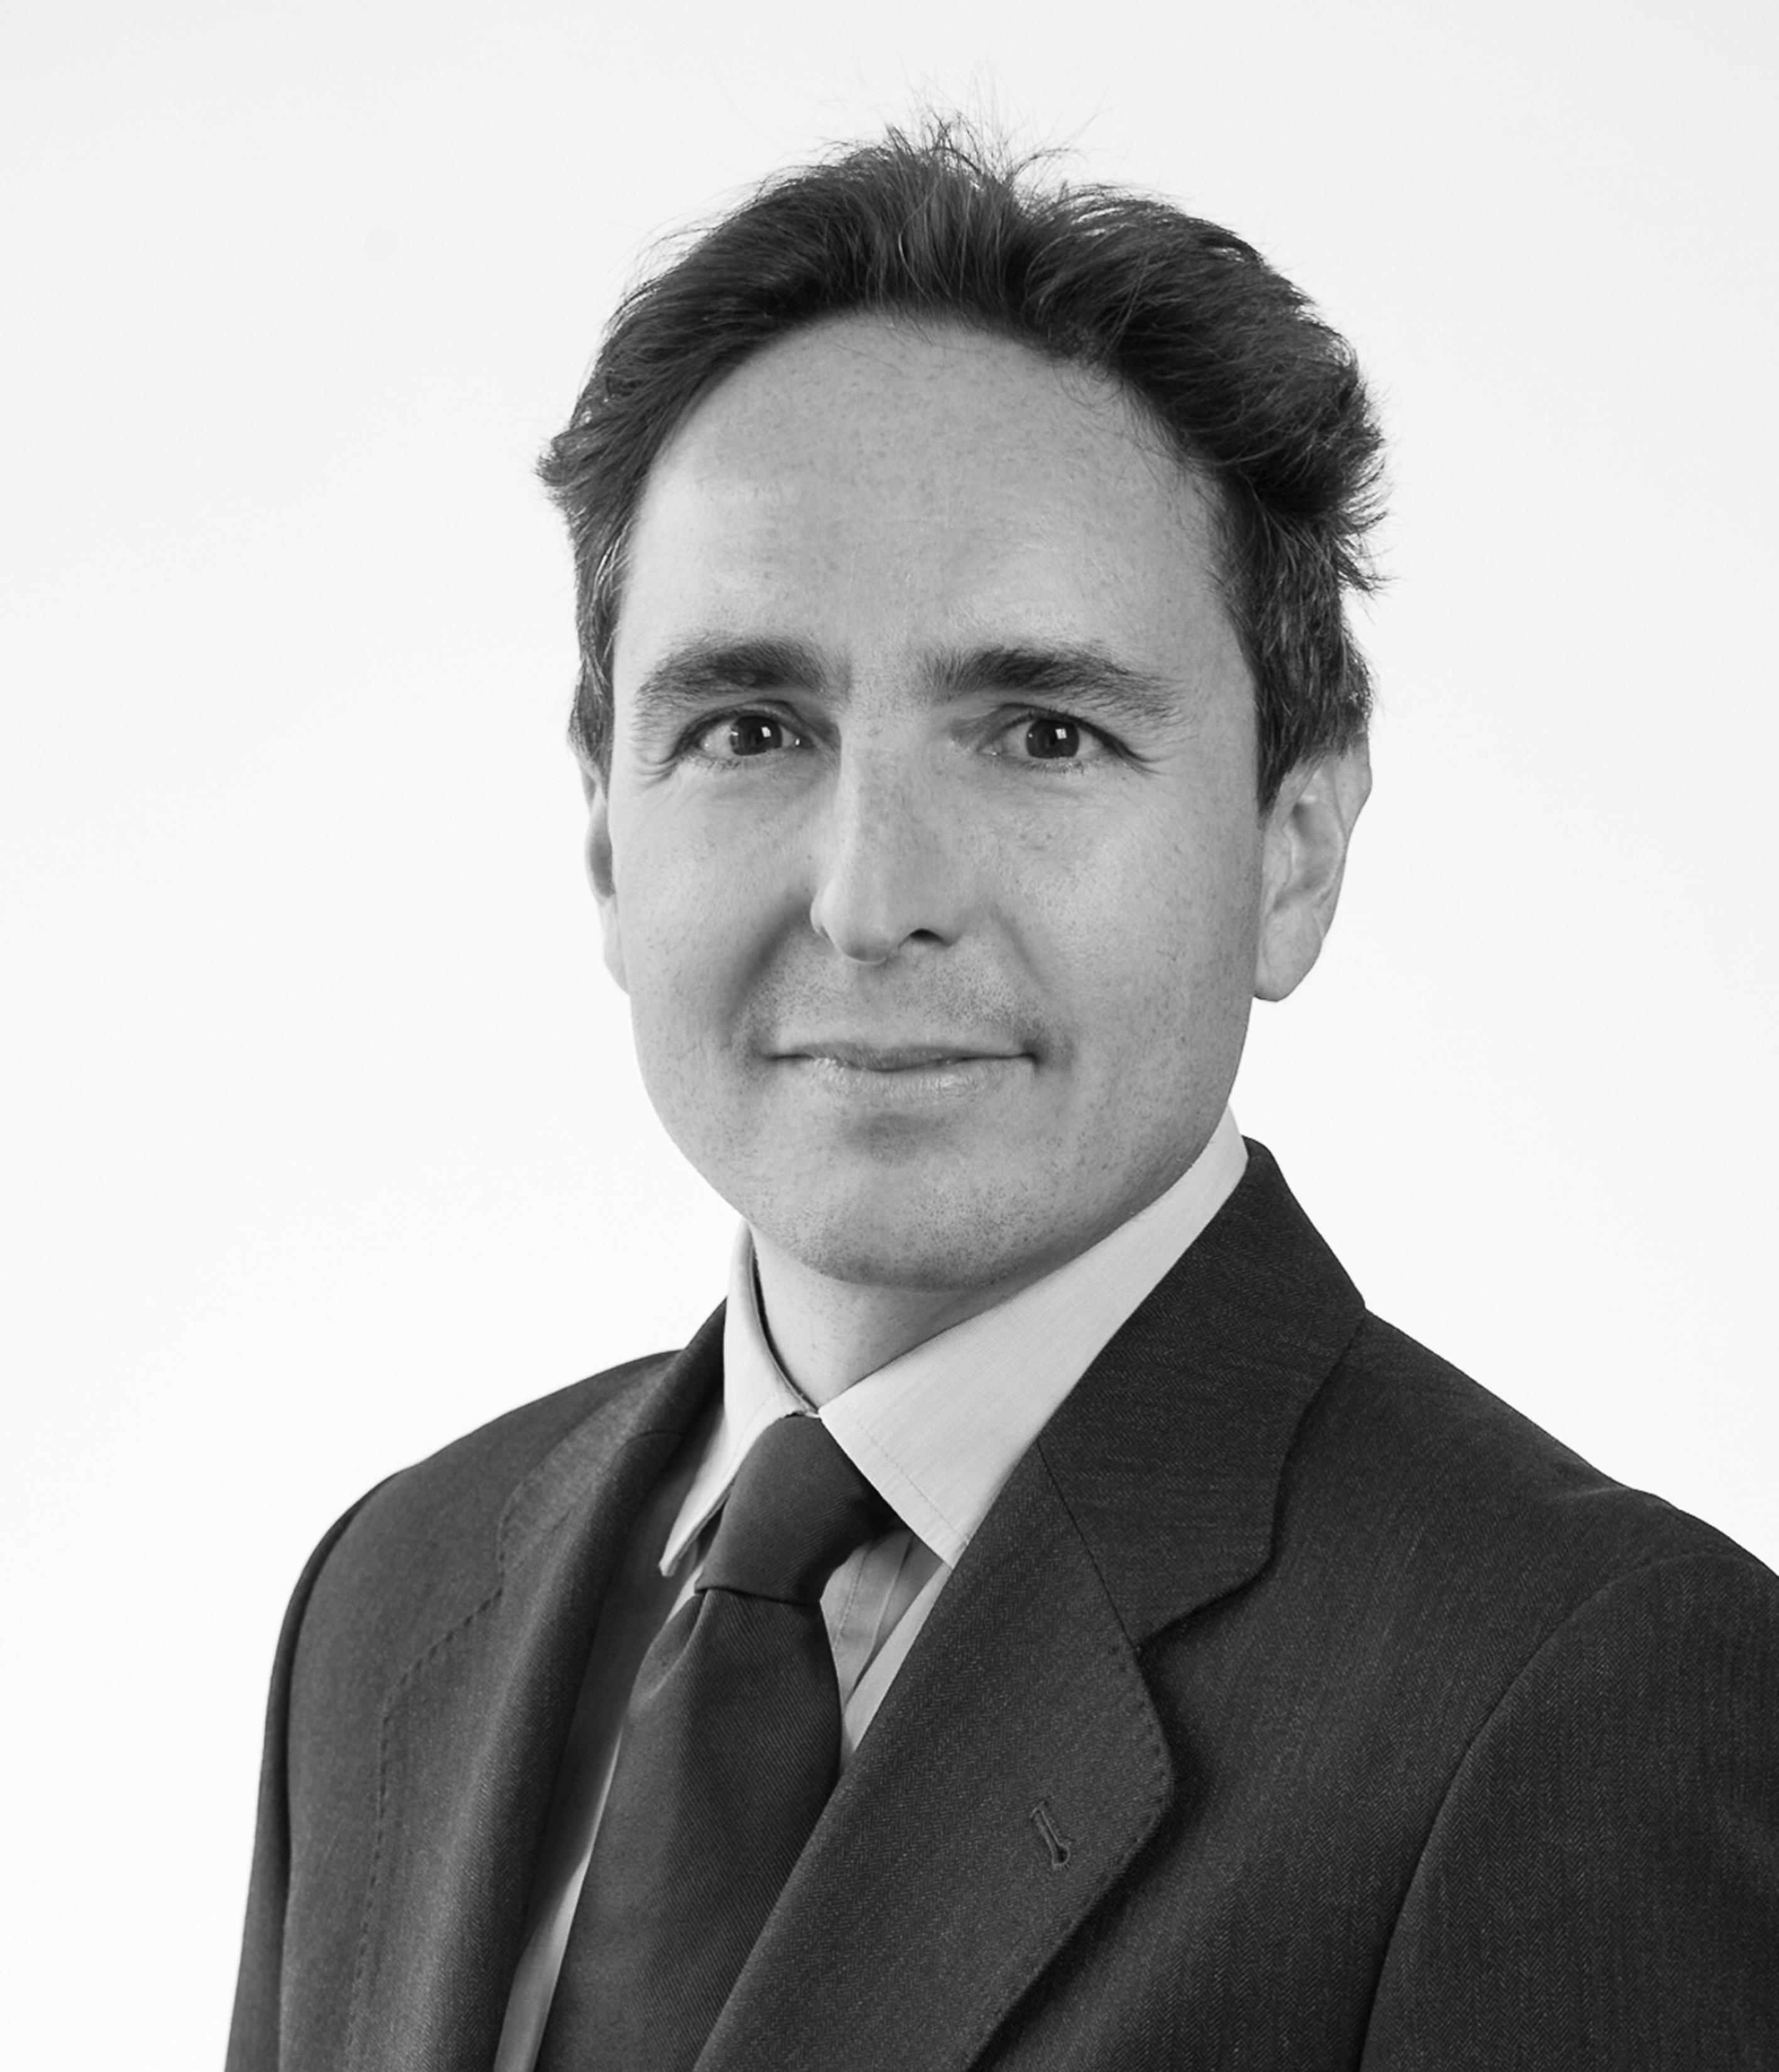 Carlos Pla